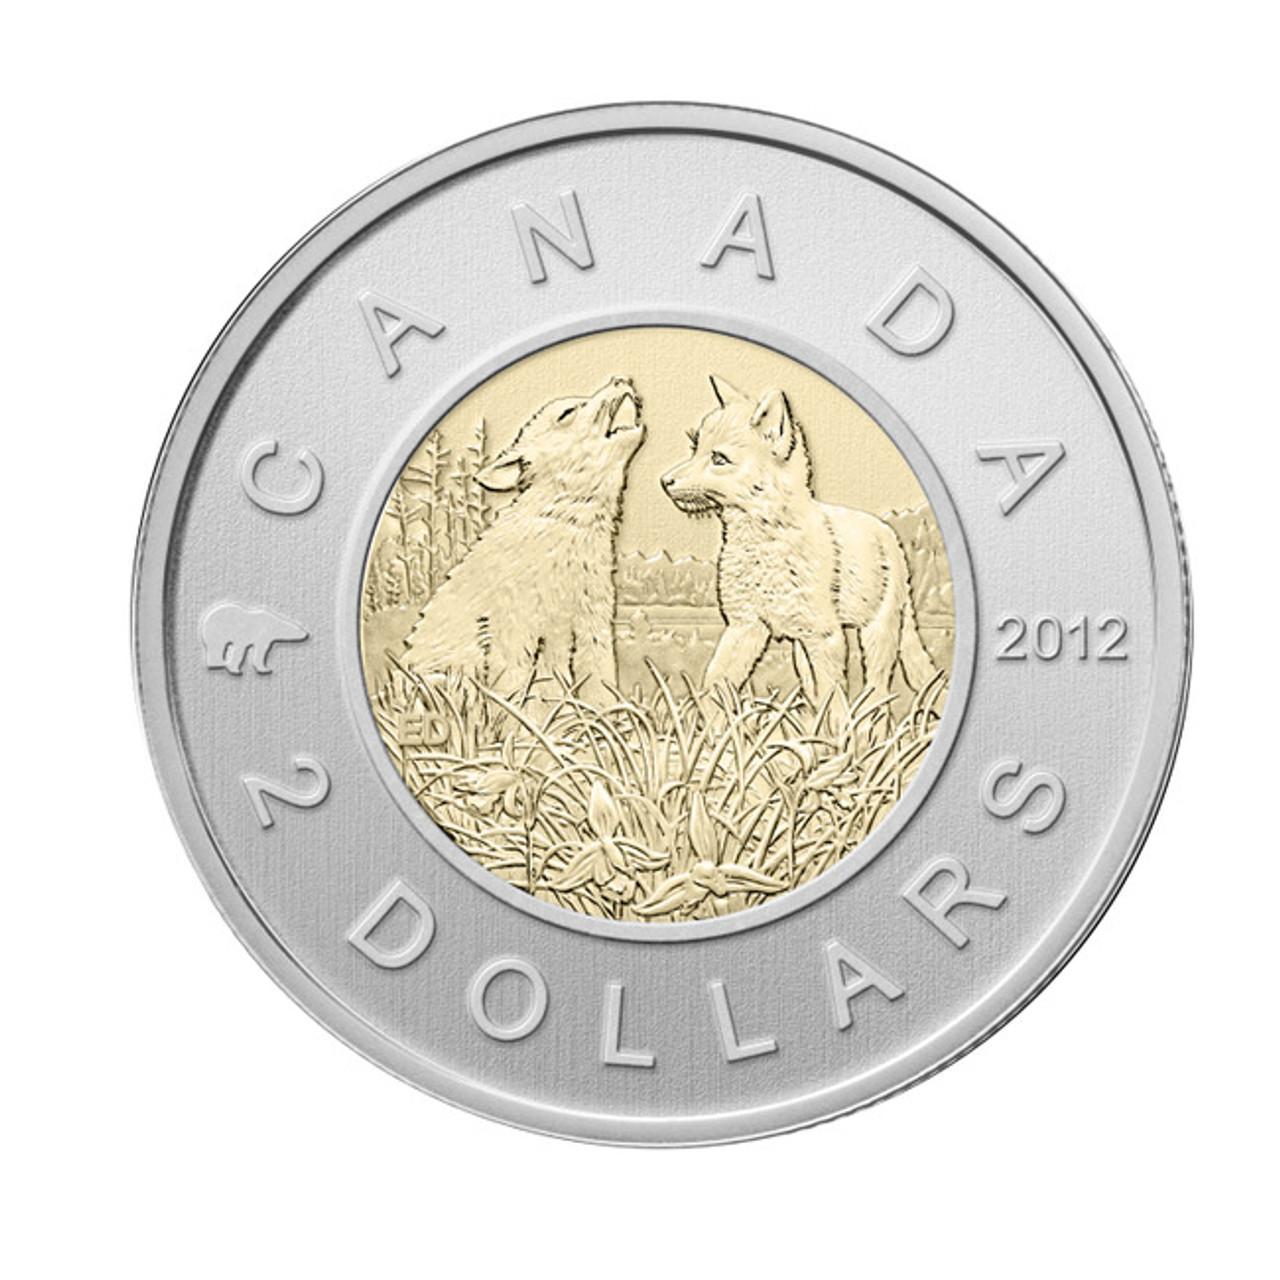 2007 Canada Toonie specimen finish coin from specimen set